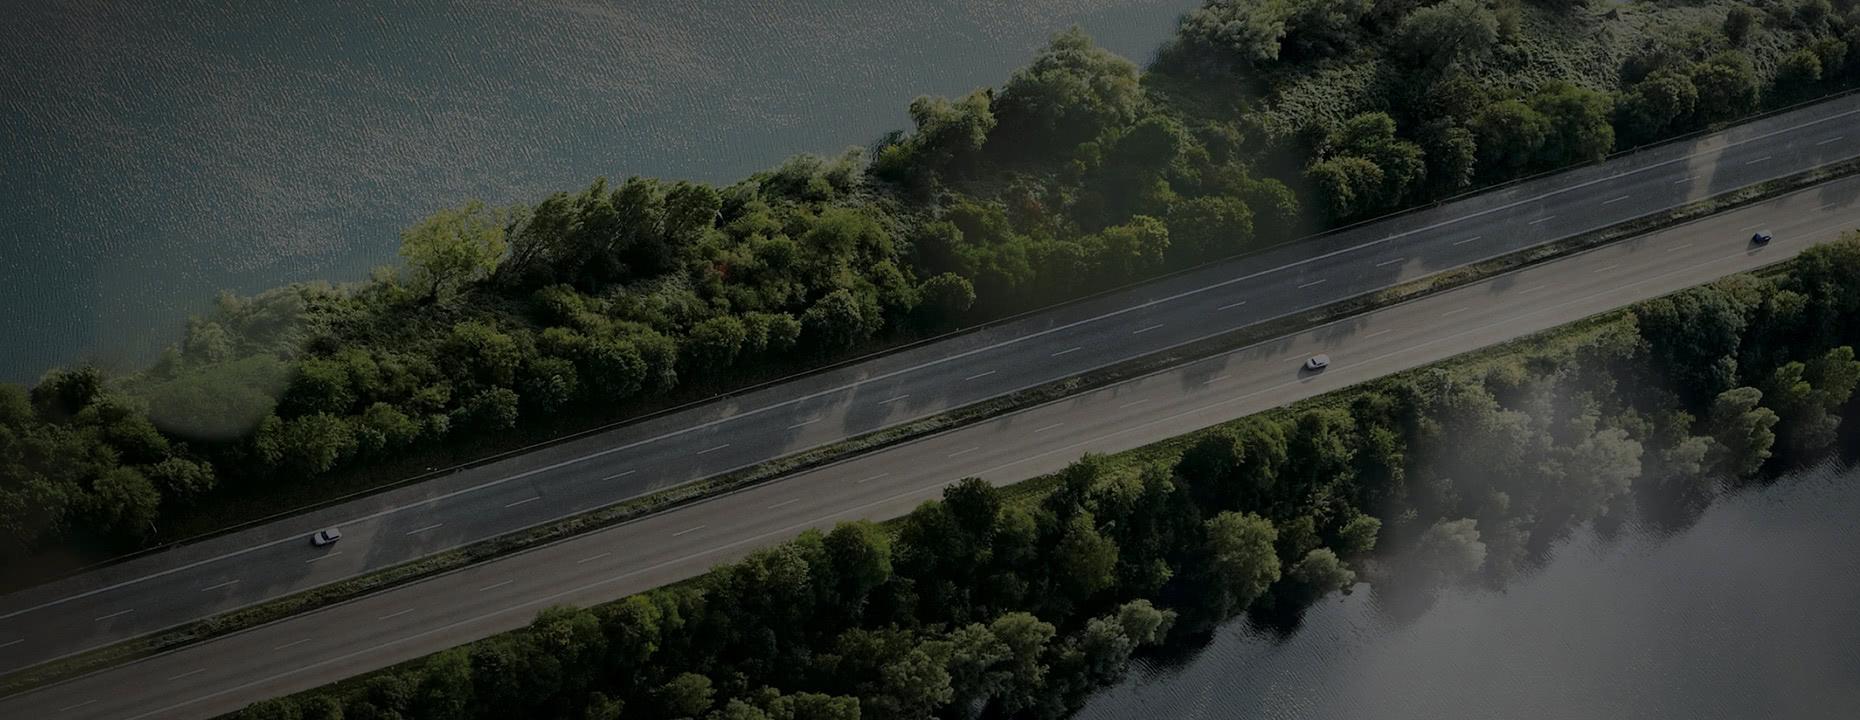 В Україні почали продавати Hyundai Tucson з новим дизельним двигуном | Фрунзе-Авто - фото 9